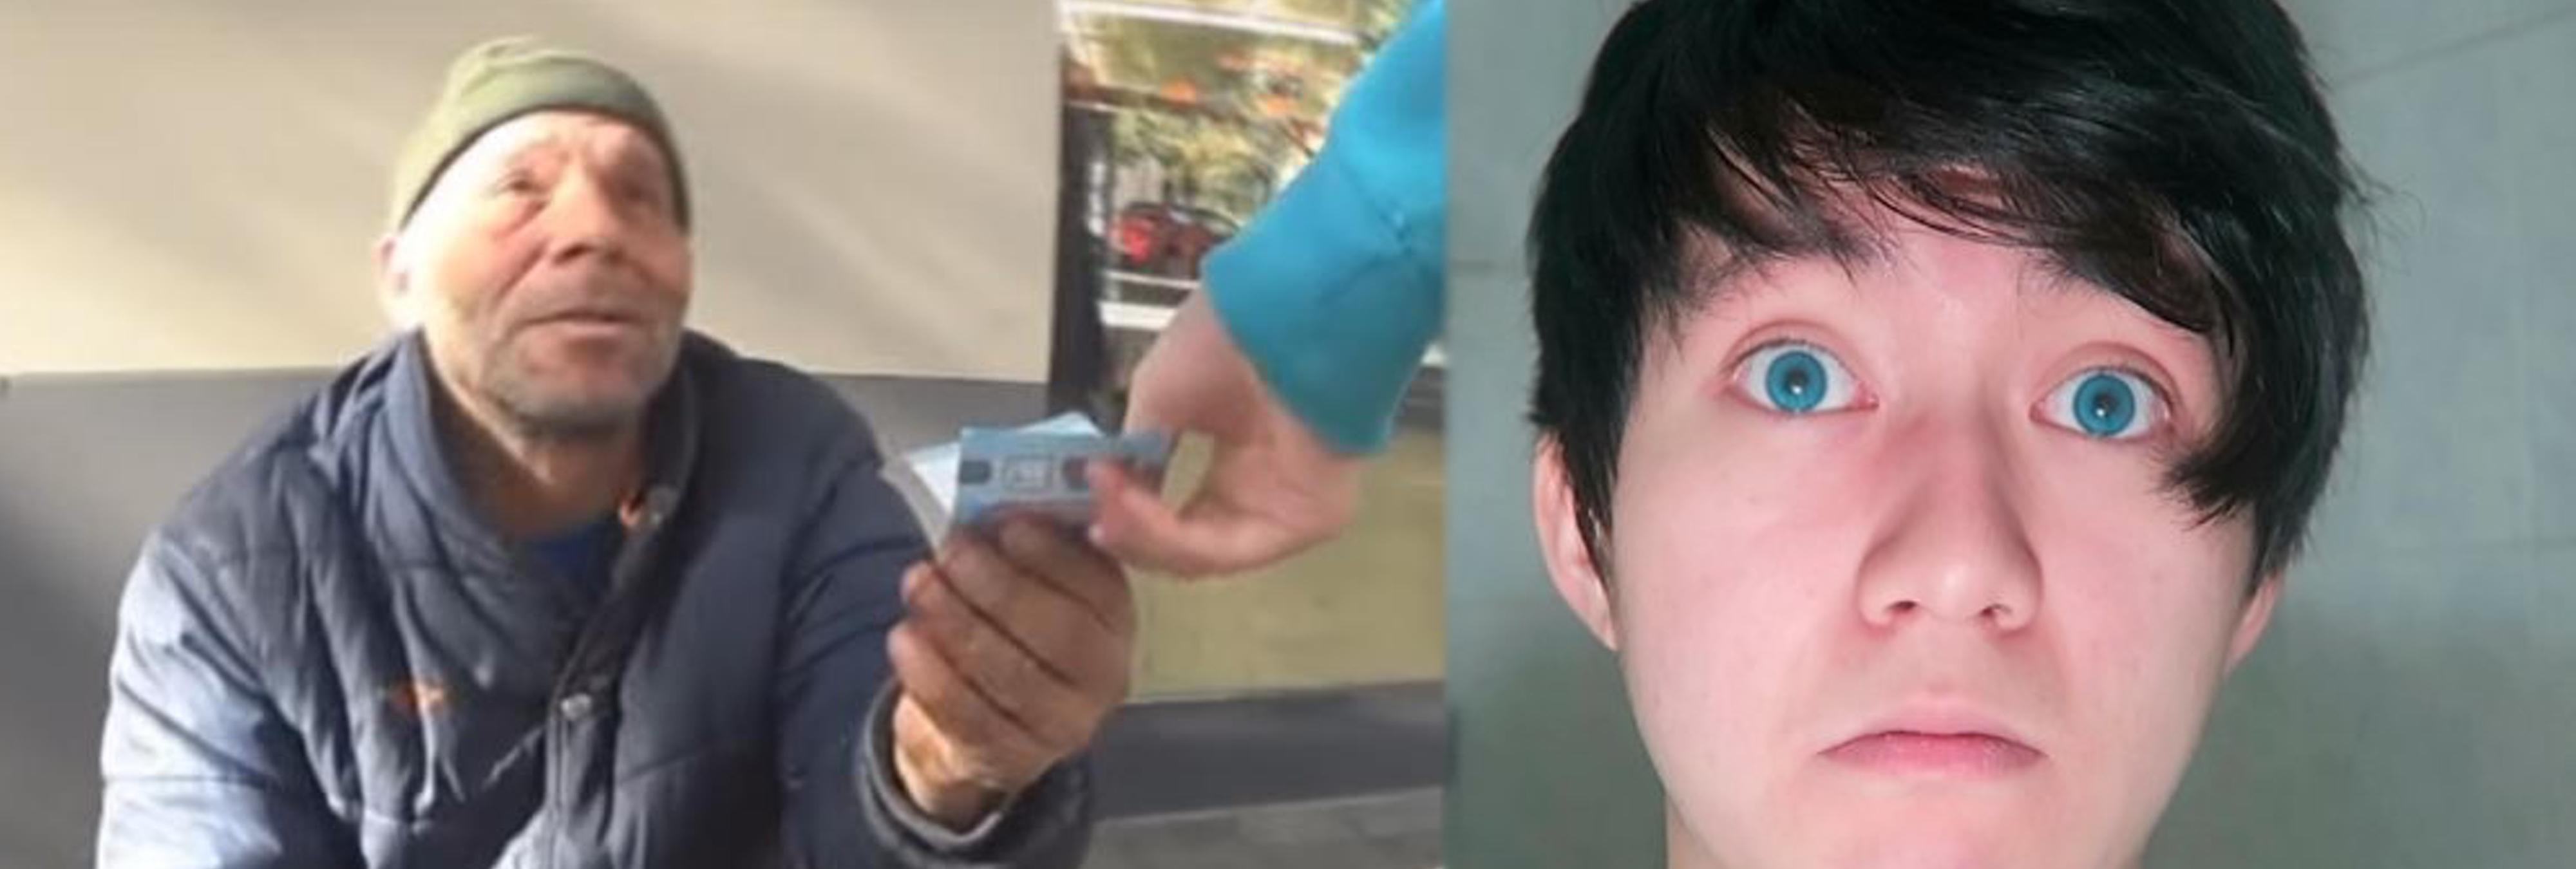 2.000 euros de fianza y retirada del pasaporte para el youtuber que dio galletas con dentífrico a un mendigo